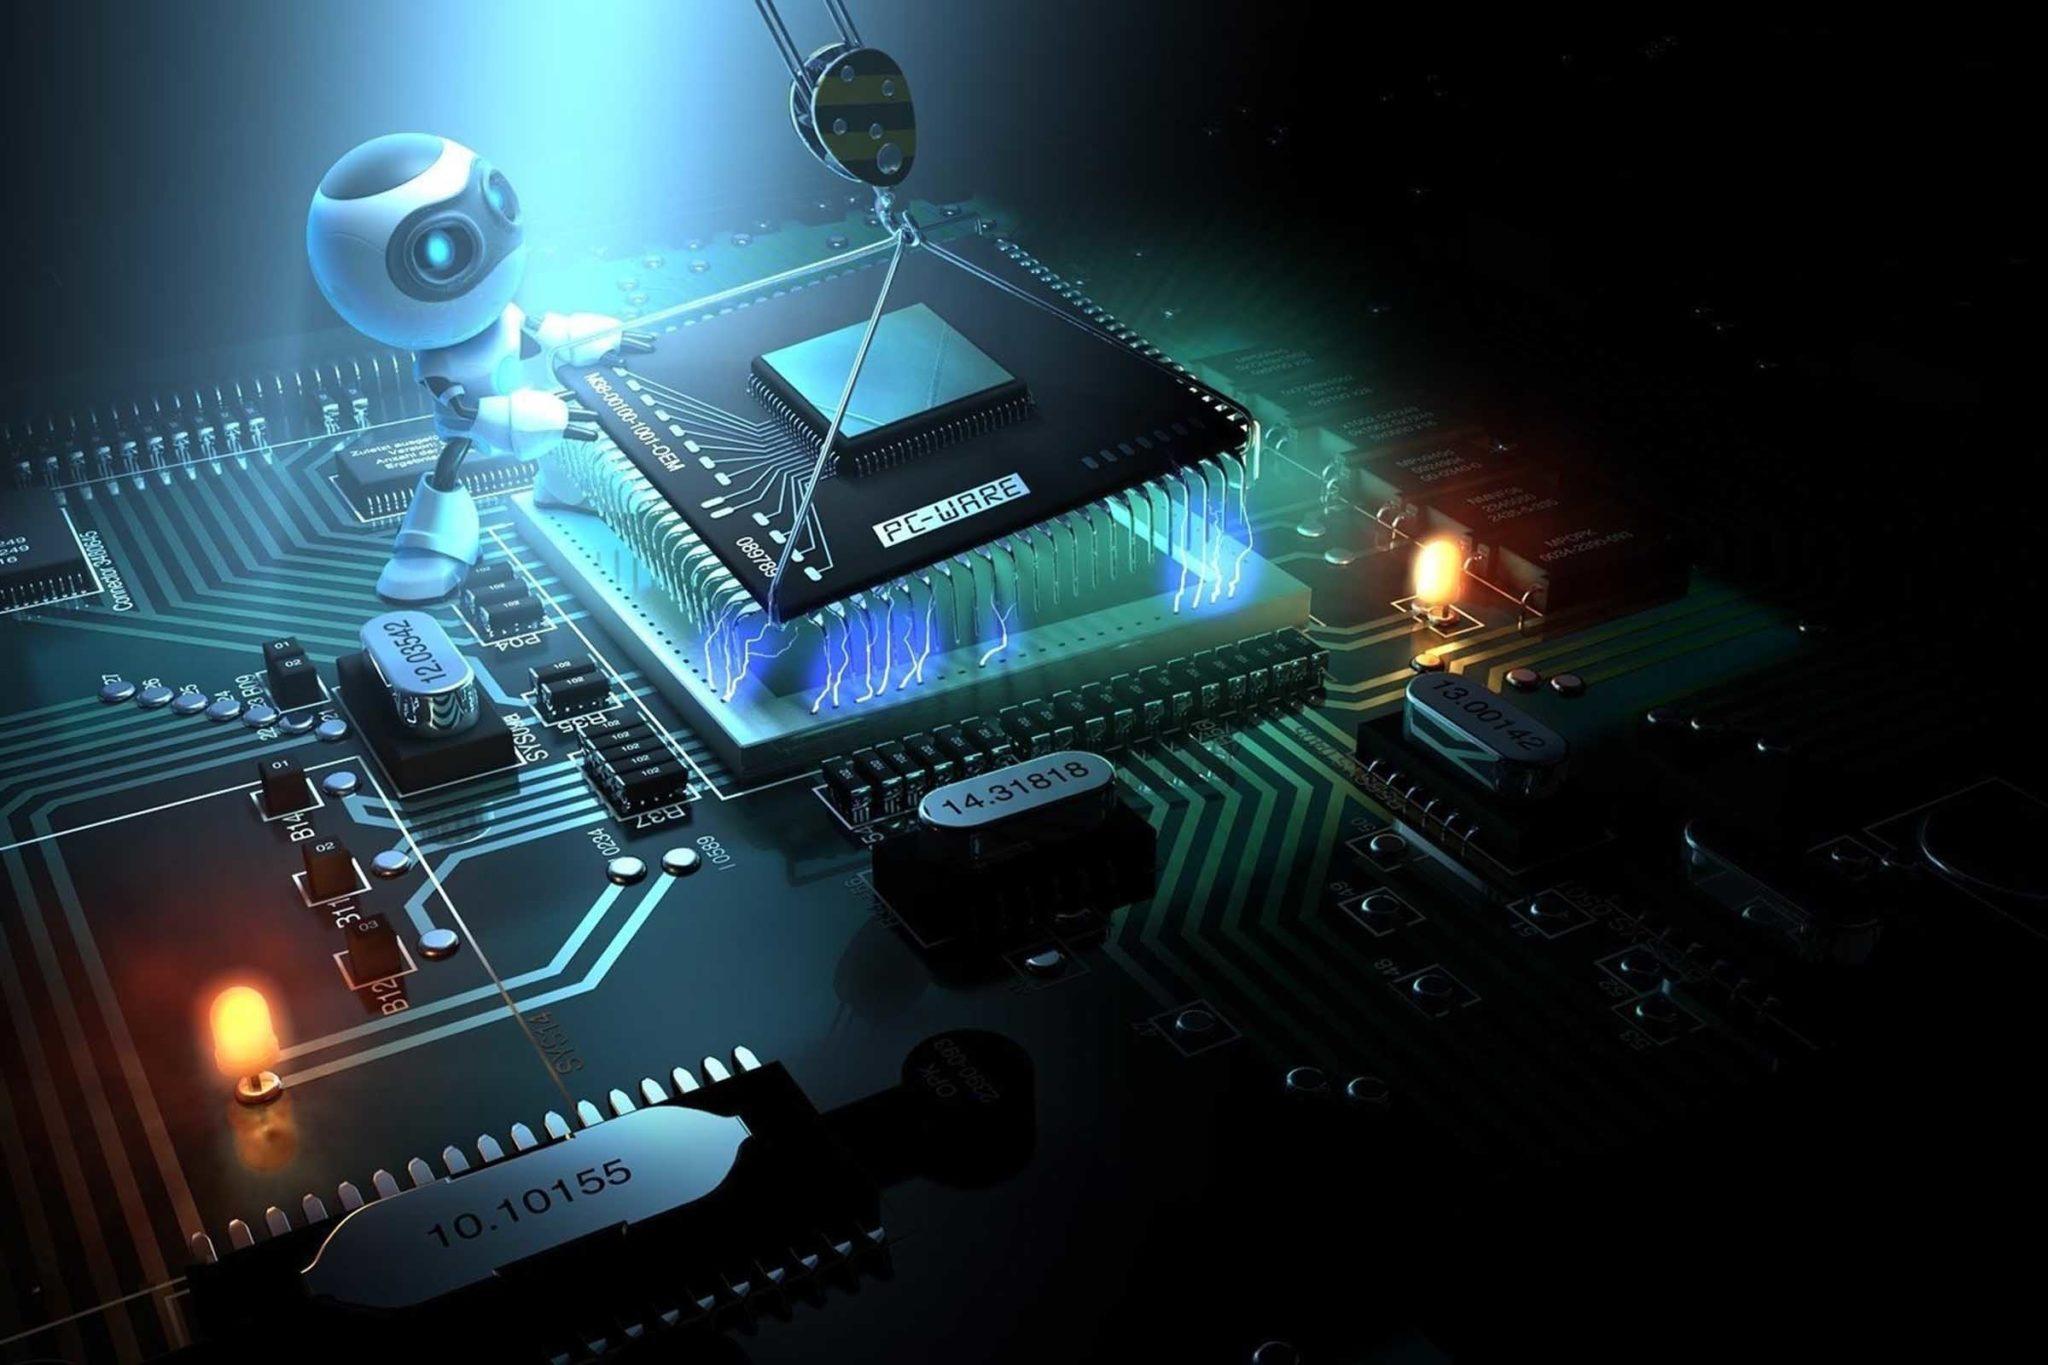 setor para investir indústria 4.0: reprodução de placa de computador com um robô